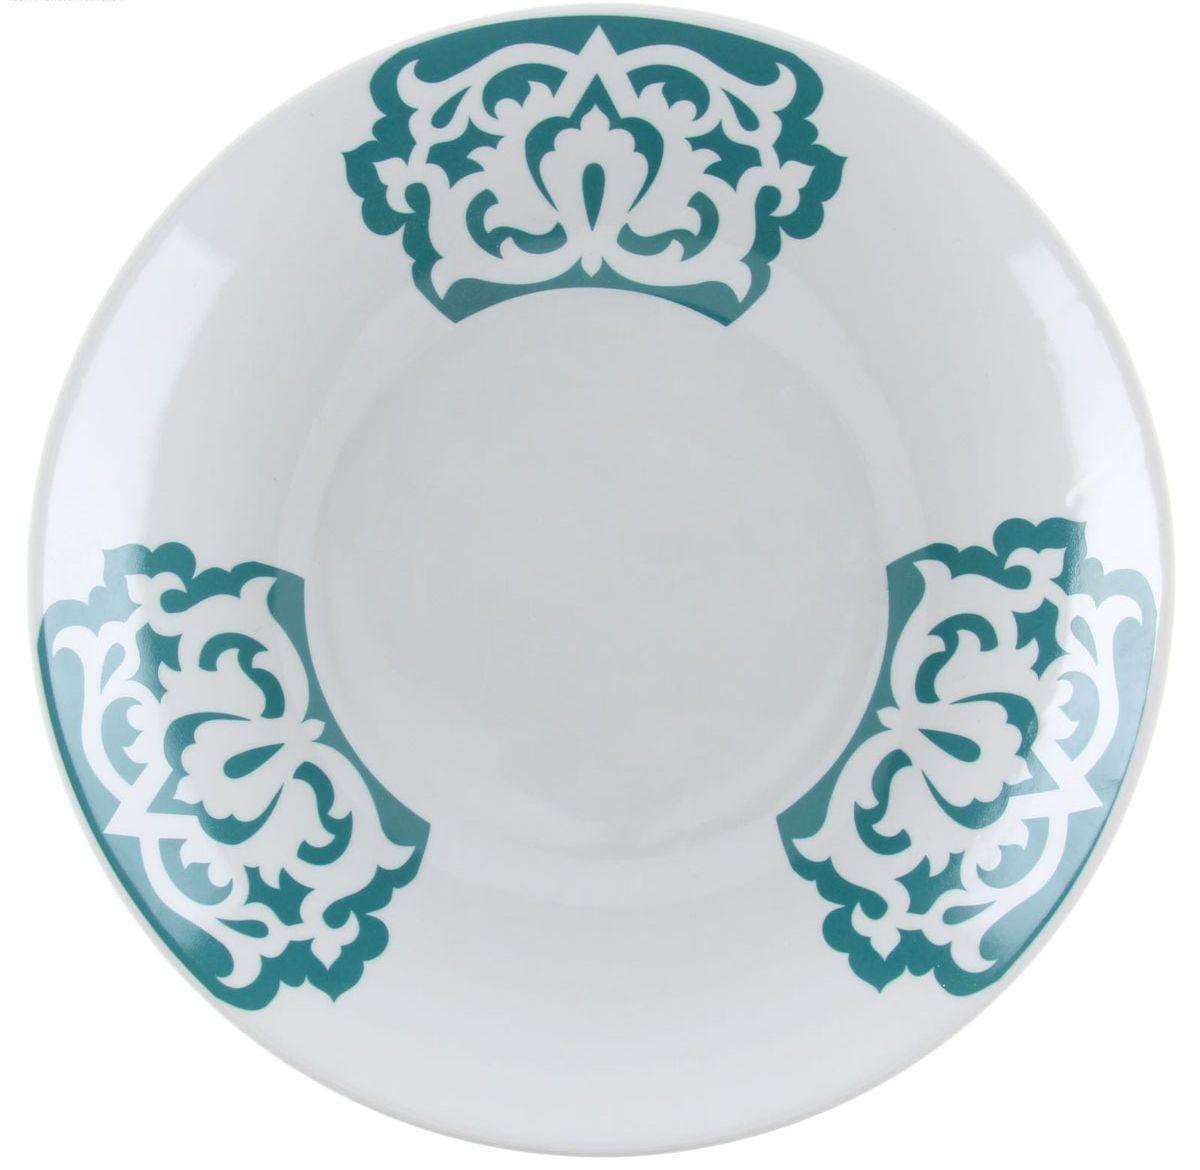 Сухарница Азия, цвет: белый, зеленый, диаметр 27 см1303856Сухарница Азия выполнена из высококачественного фарфора и украшена оригинальным орнаментом. Изделие доставит истинное удовольствие ценителям прекрасного. Яркий дизайн, несомненно, придется вам по вкусу. Диаметр сухарницы (по верхнему краю): 27 см.